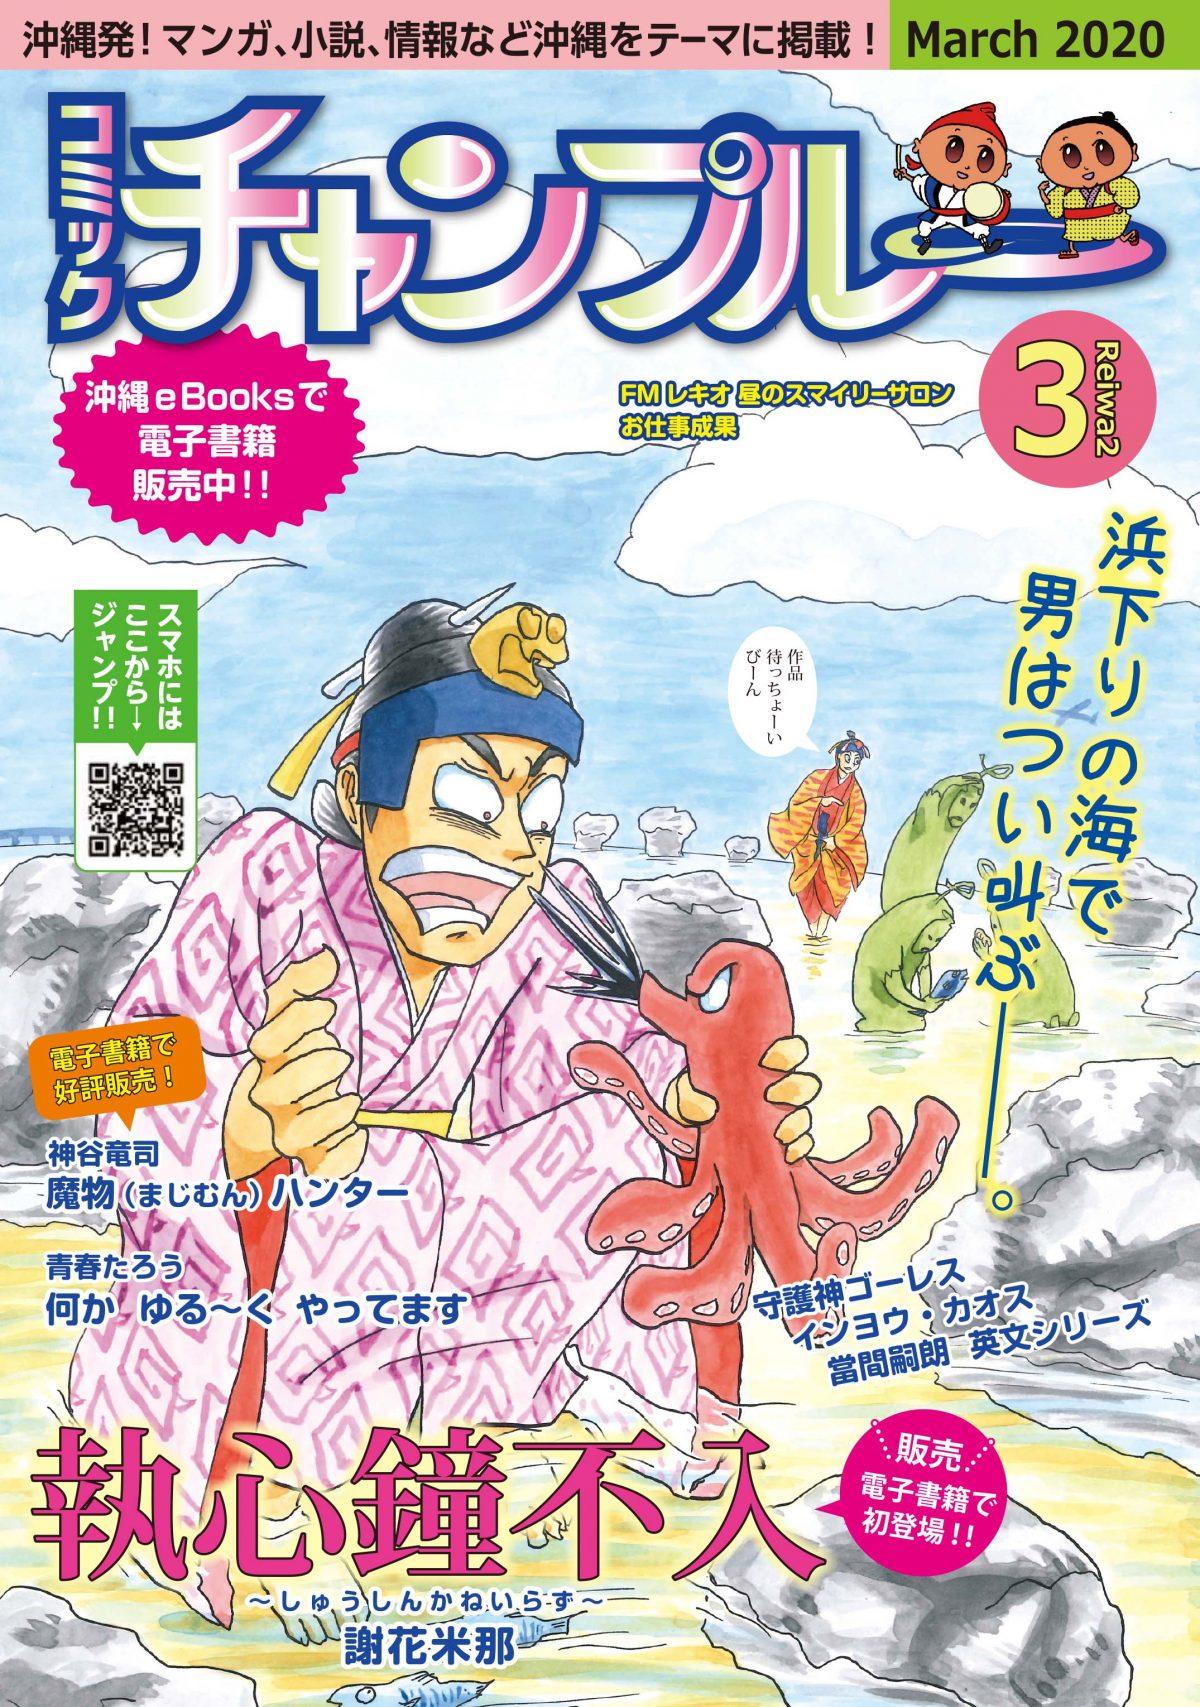 コミックチャンプルー 表紙更新しました! 3月です! 沖縄マンガチラシもよろしく!